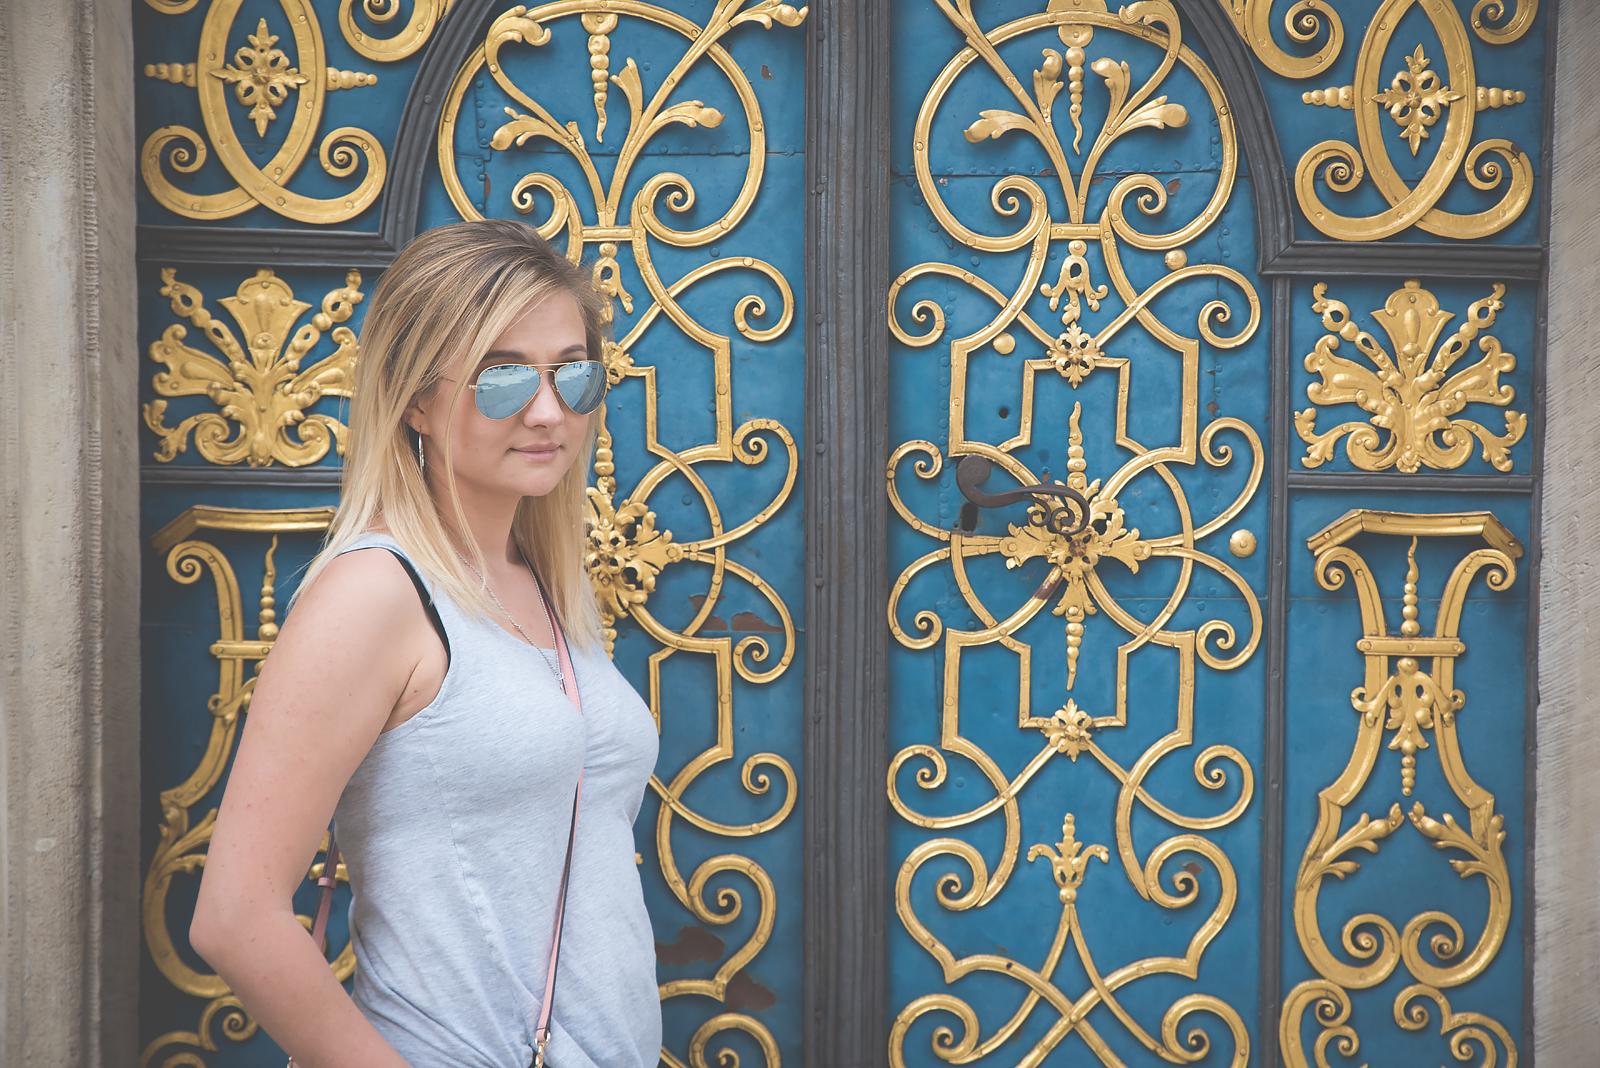 Najlepsze Blogi Parentingowe Wroclaw ESK 00068